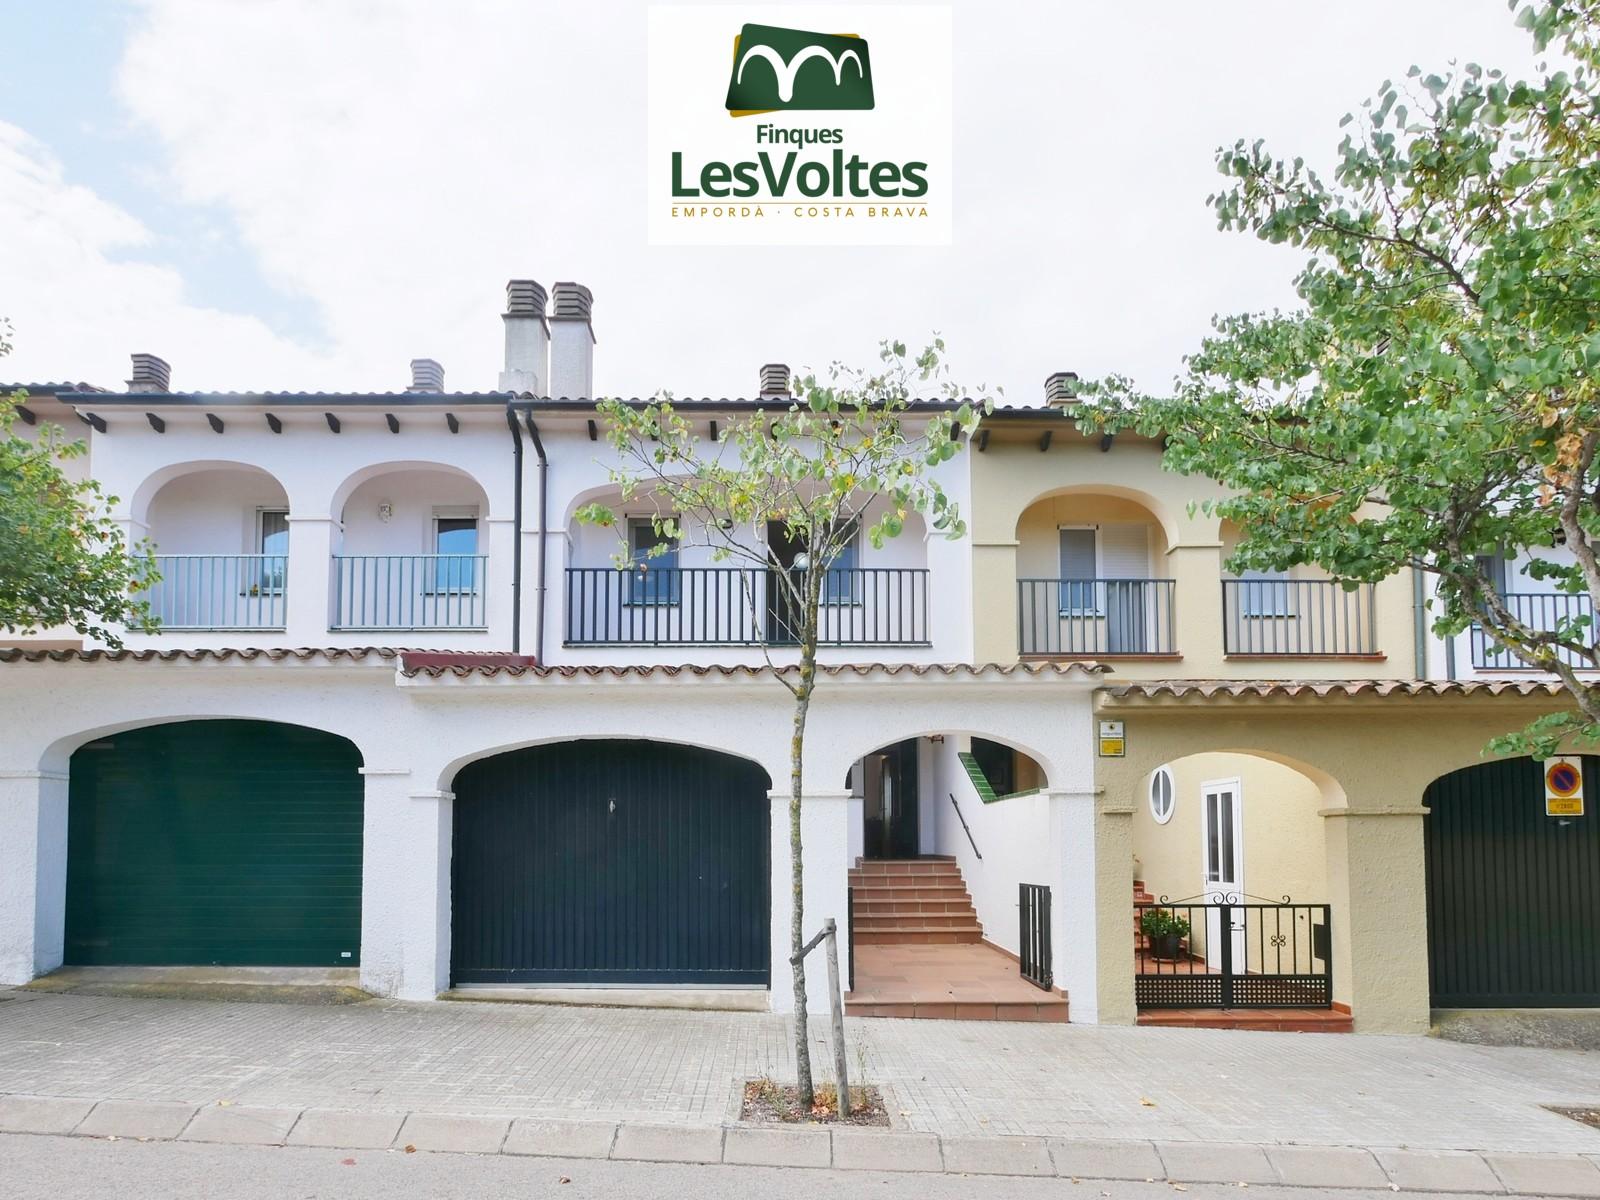 Casa de 4 habitaciones con patio en venta en Palafrugell. Zona tranquila y bien situada.